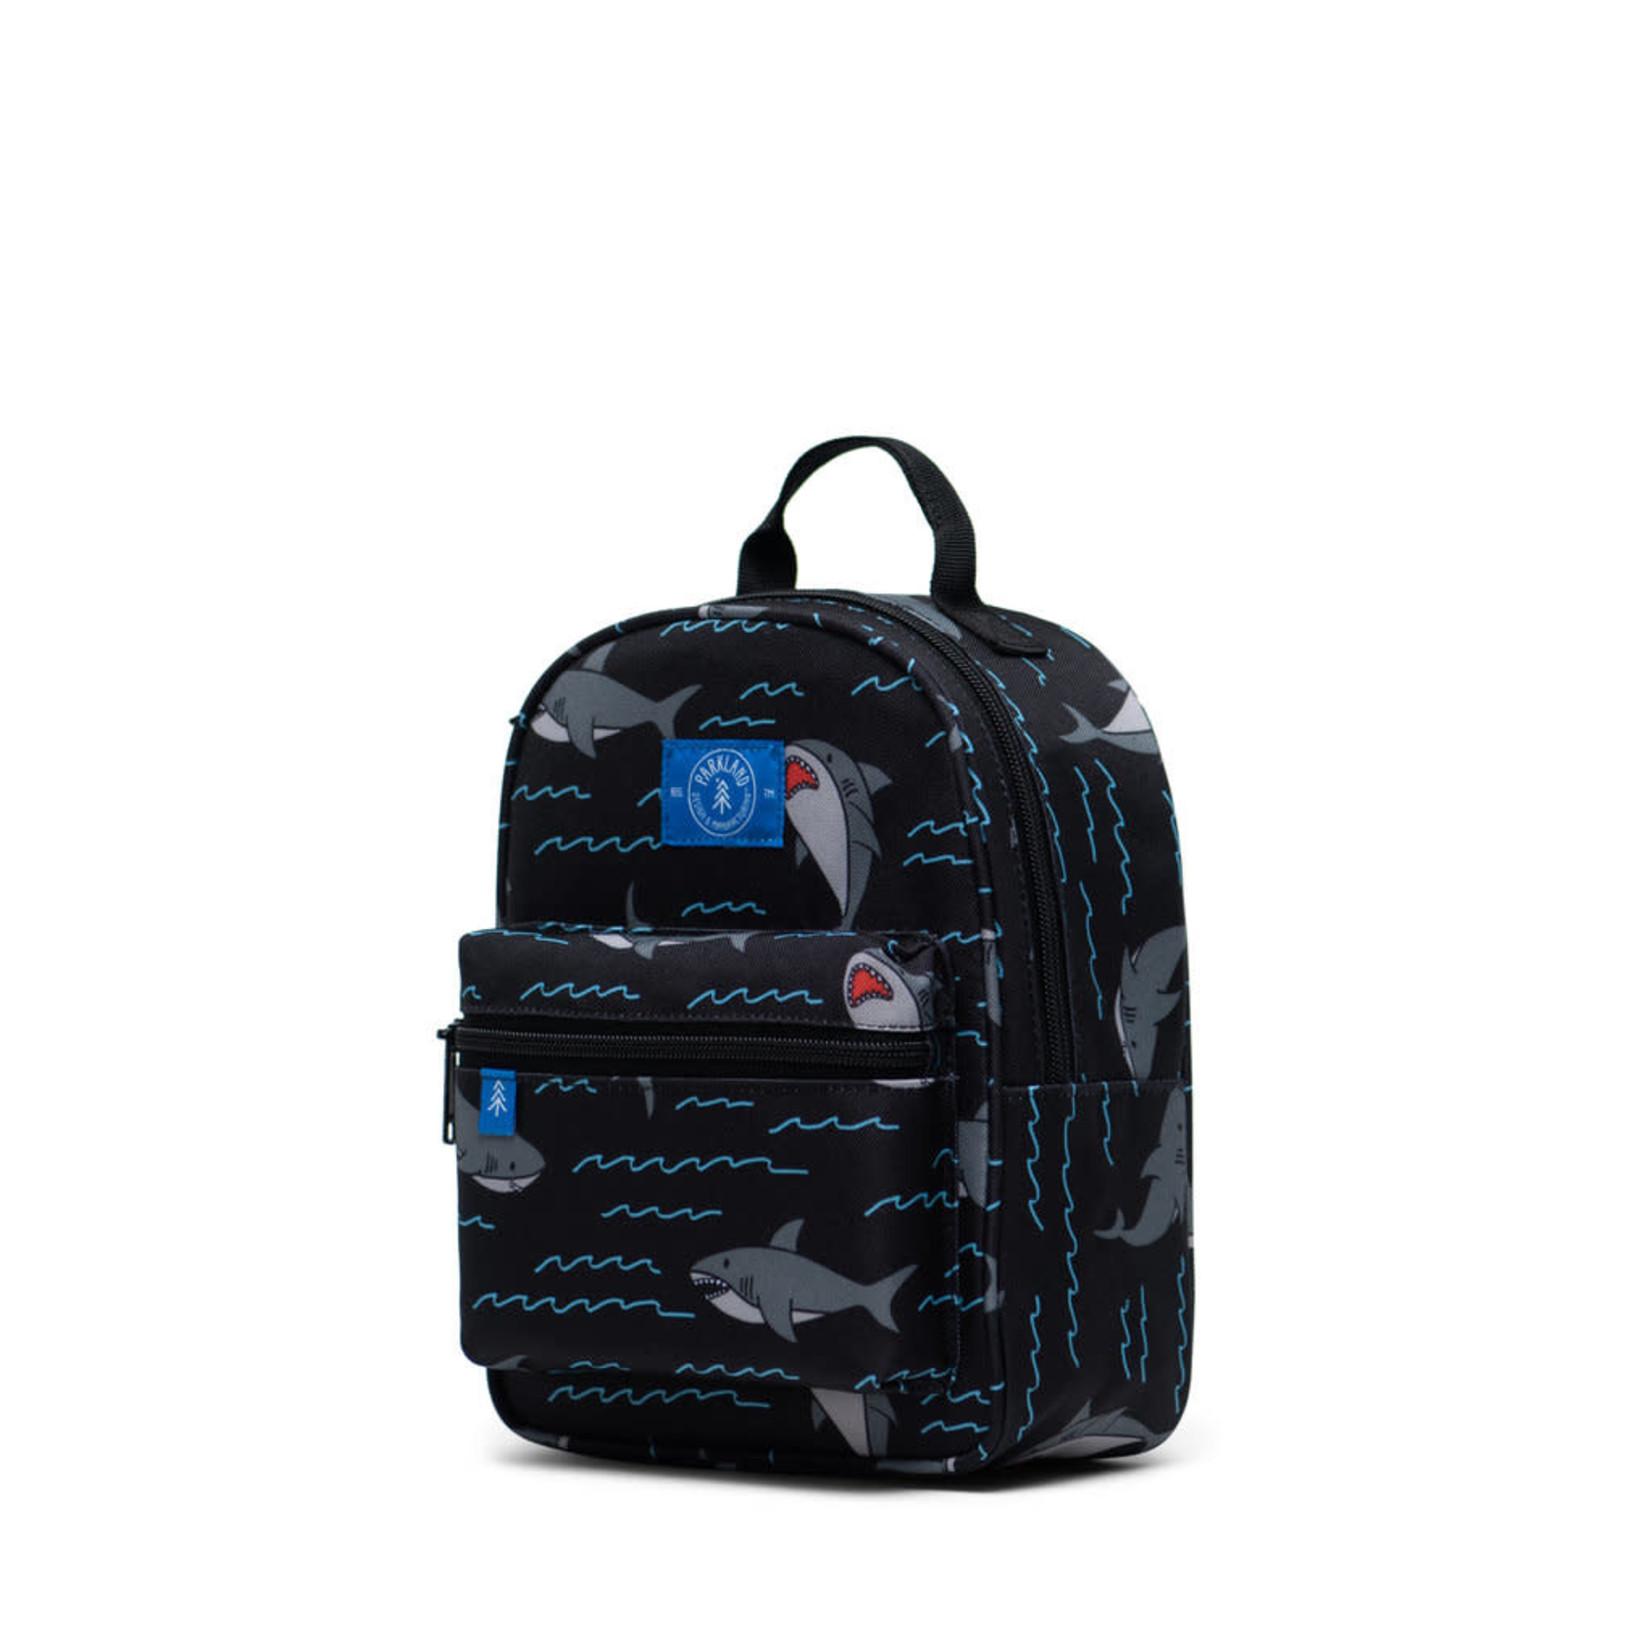 PARKLAND PARKLAND backpack Goldie shark